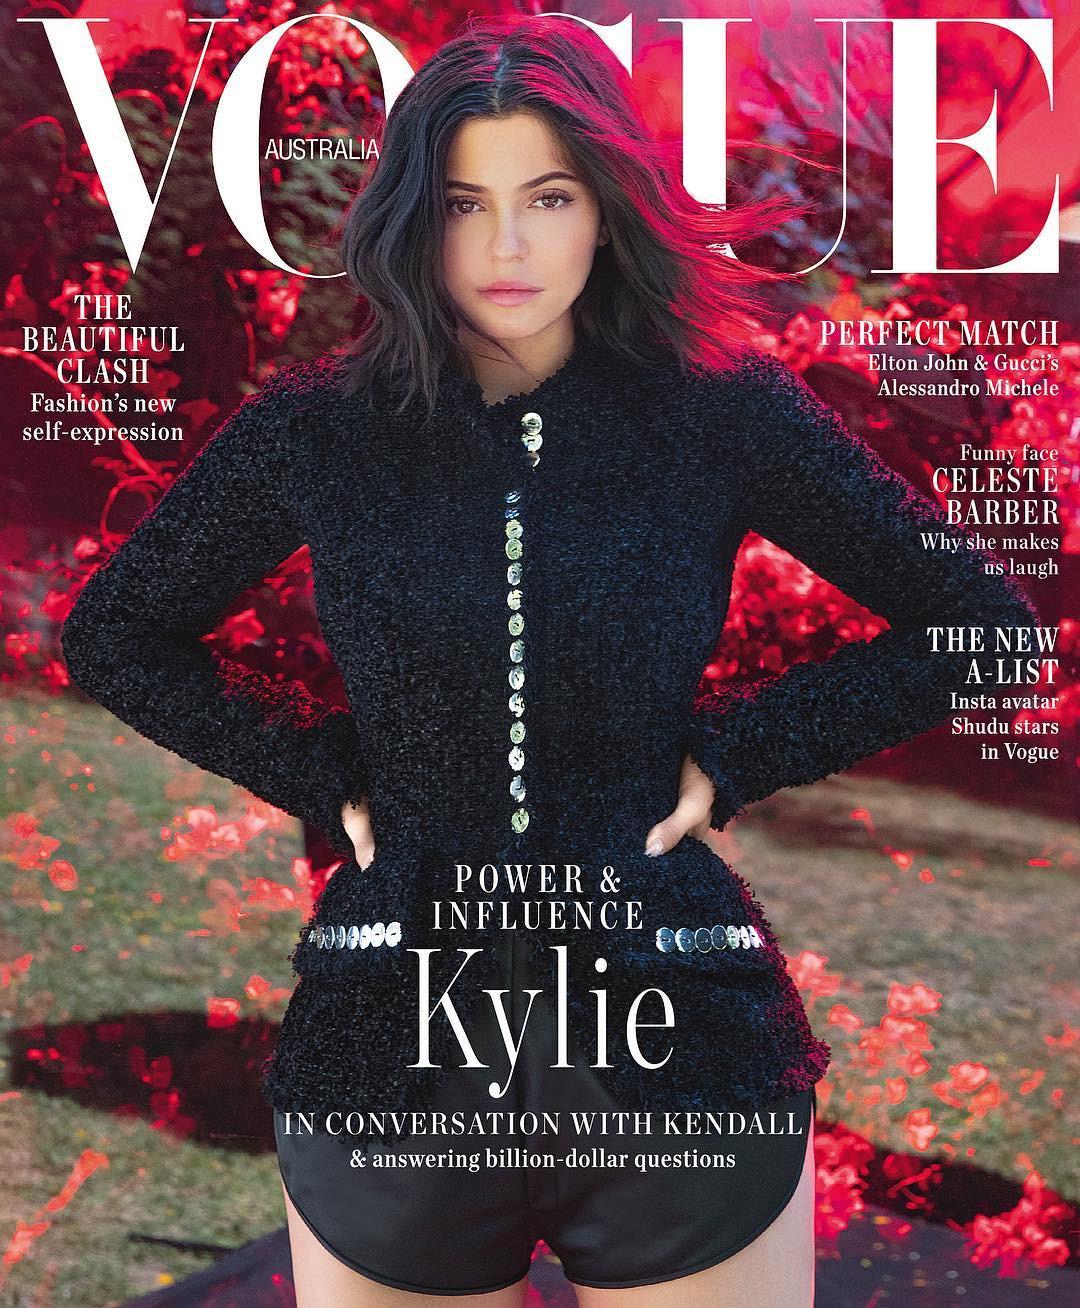 Kylie Jenner - ngôi sao quyền lực và gợi cảm nhất mạng xã hội 2018 - Hình 9